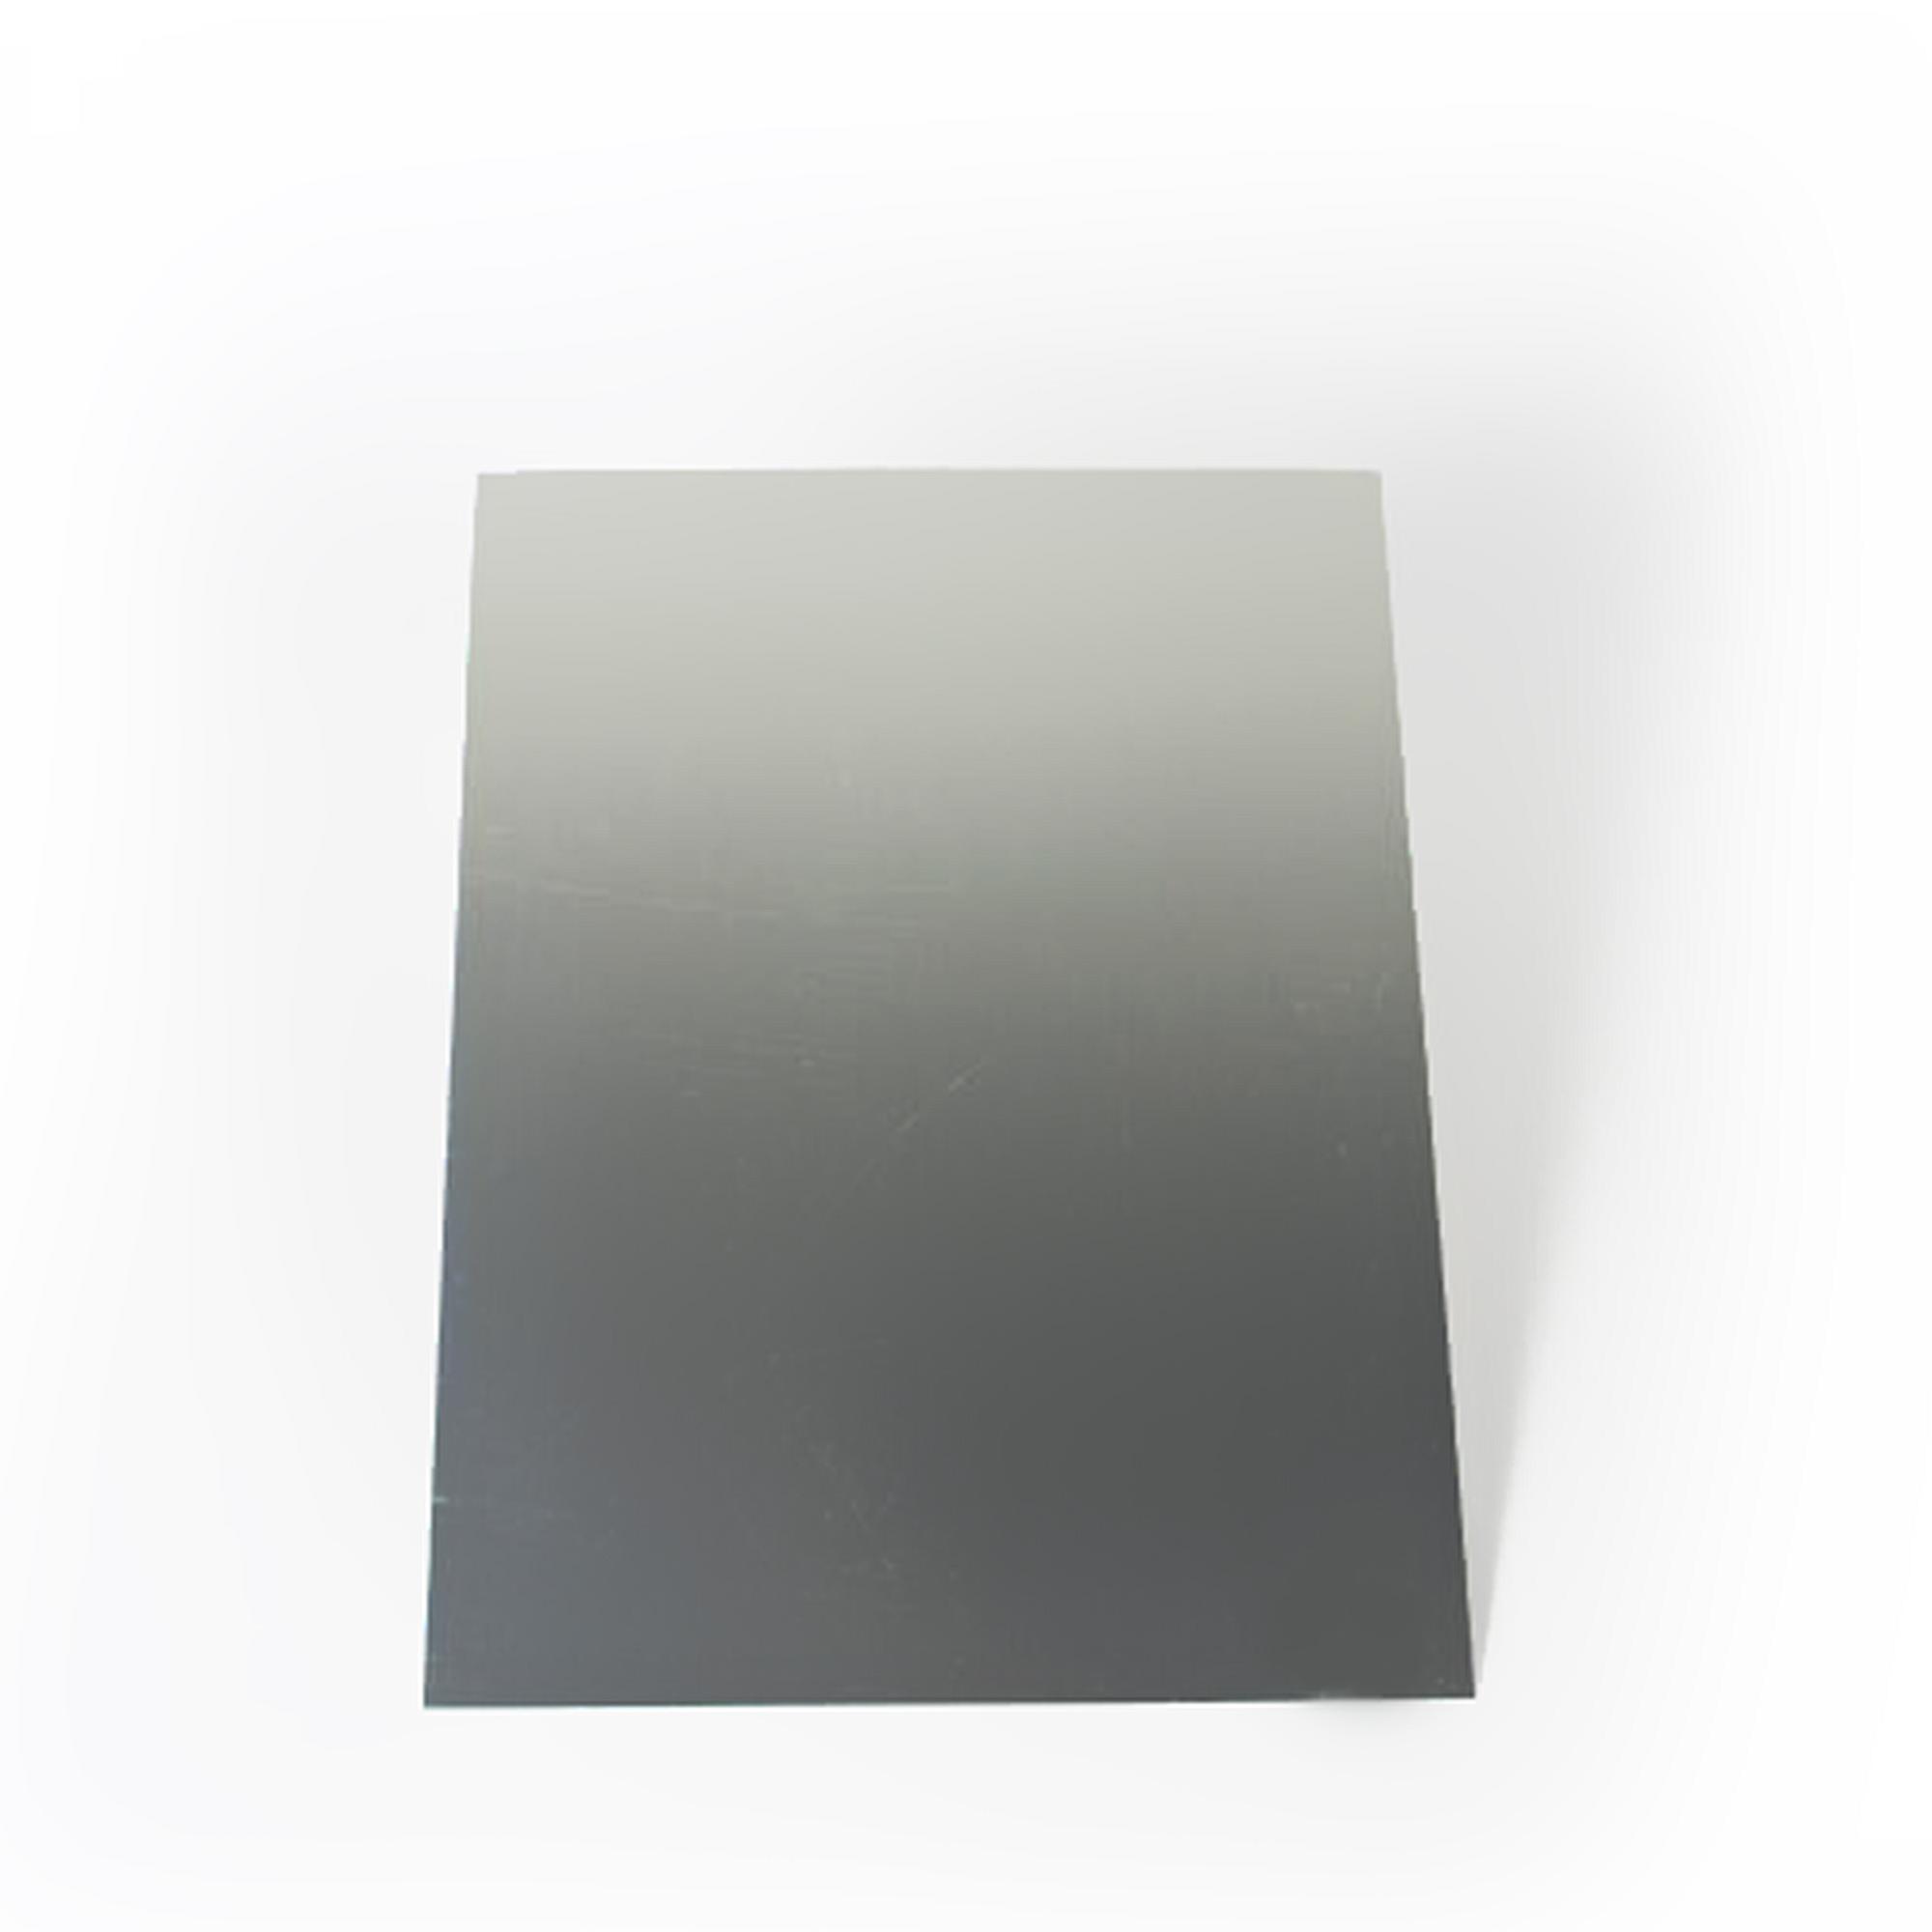 Металлическая глянцевая пластина формата А4